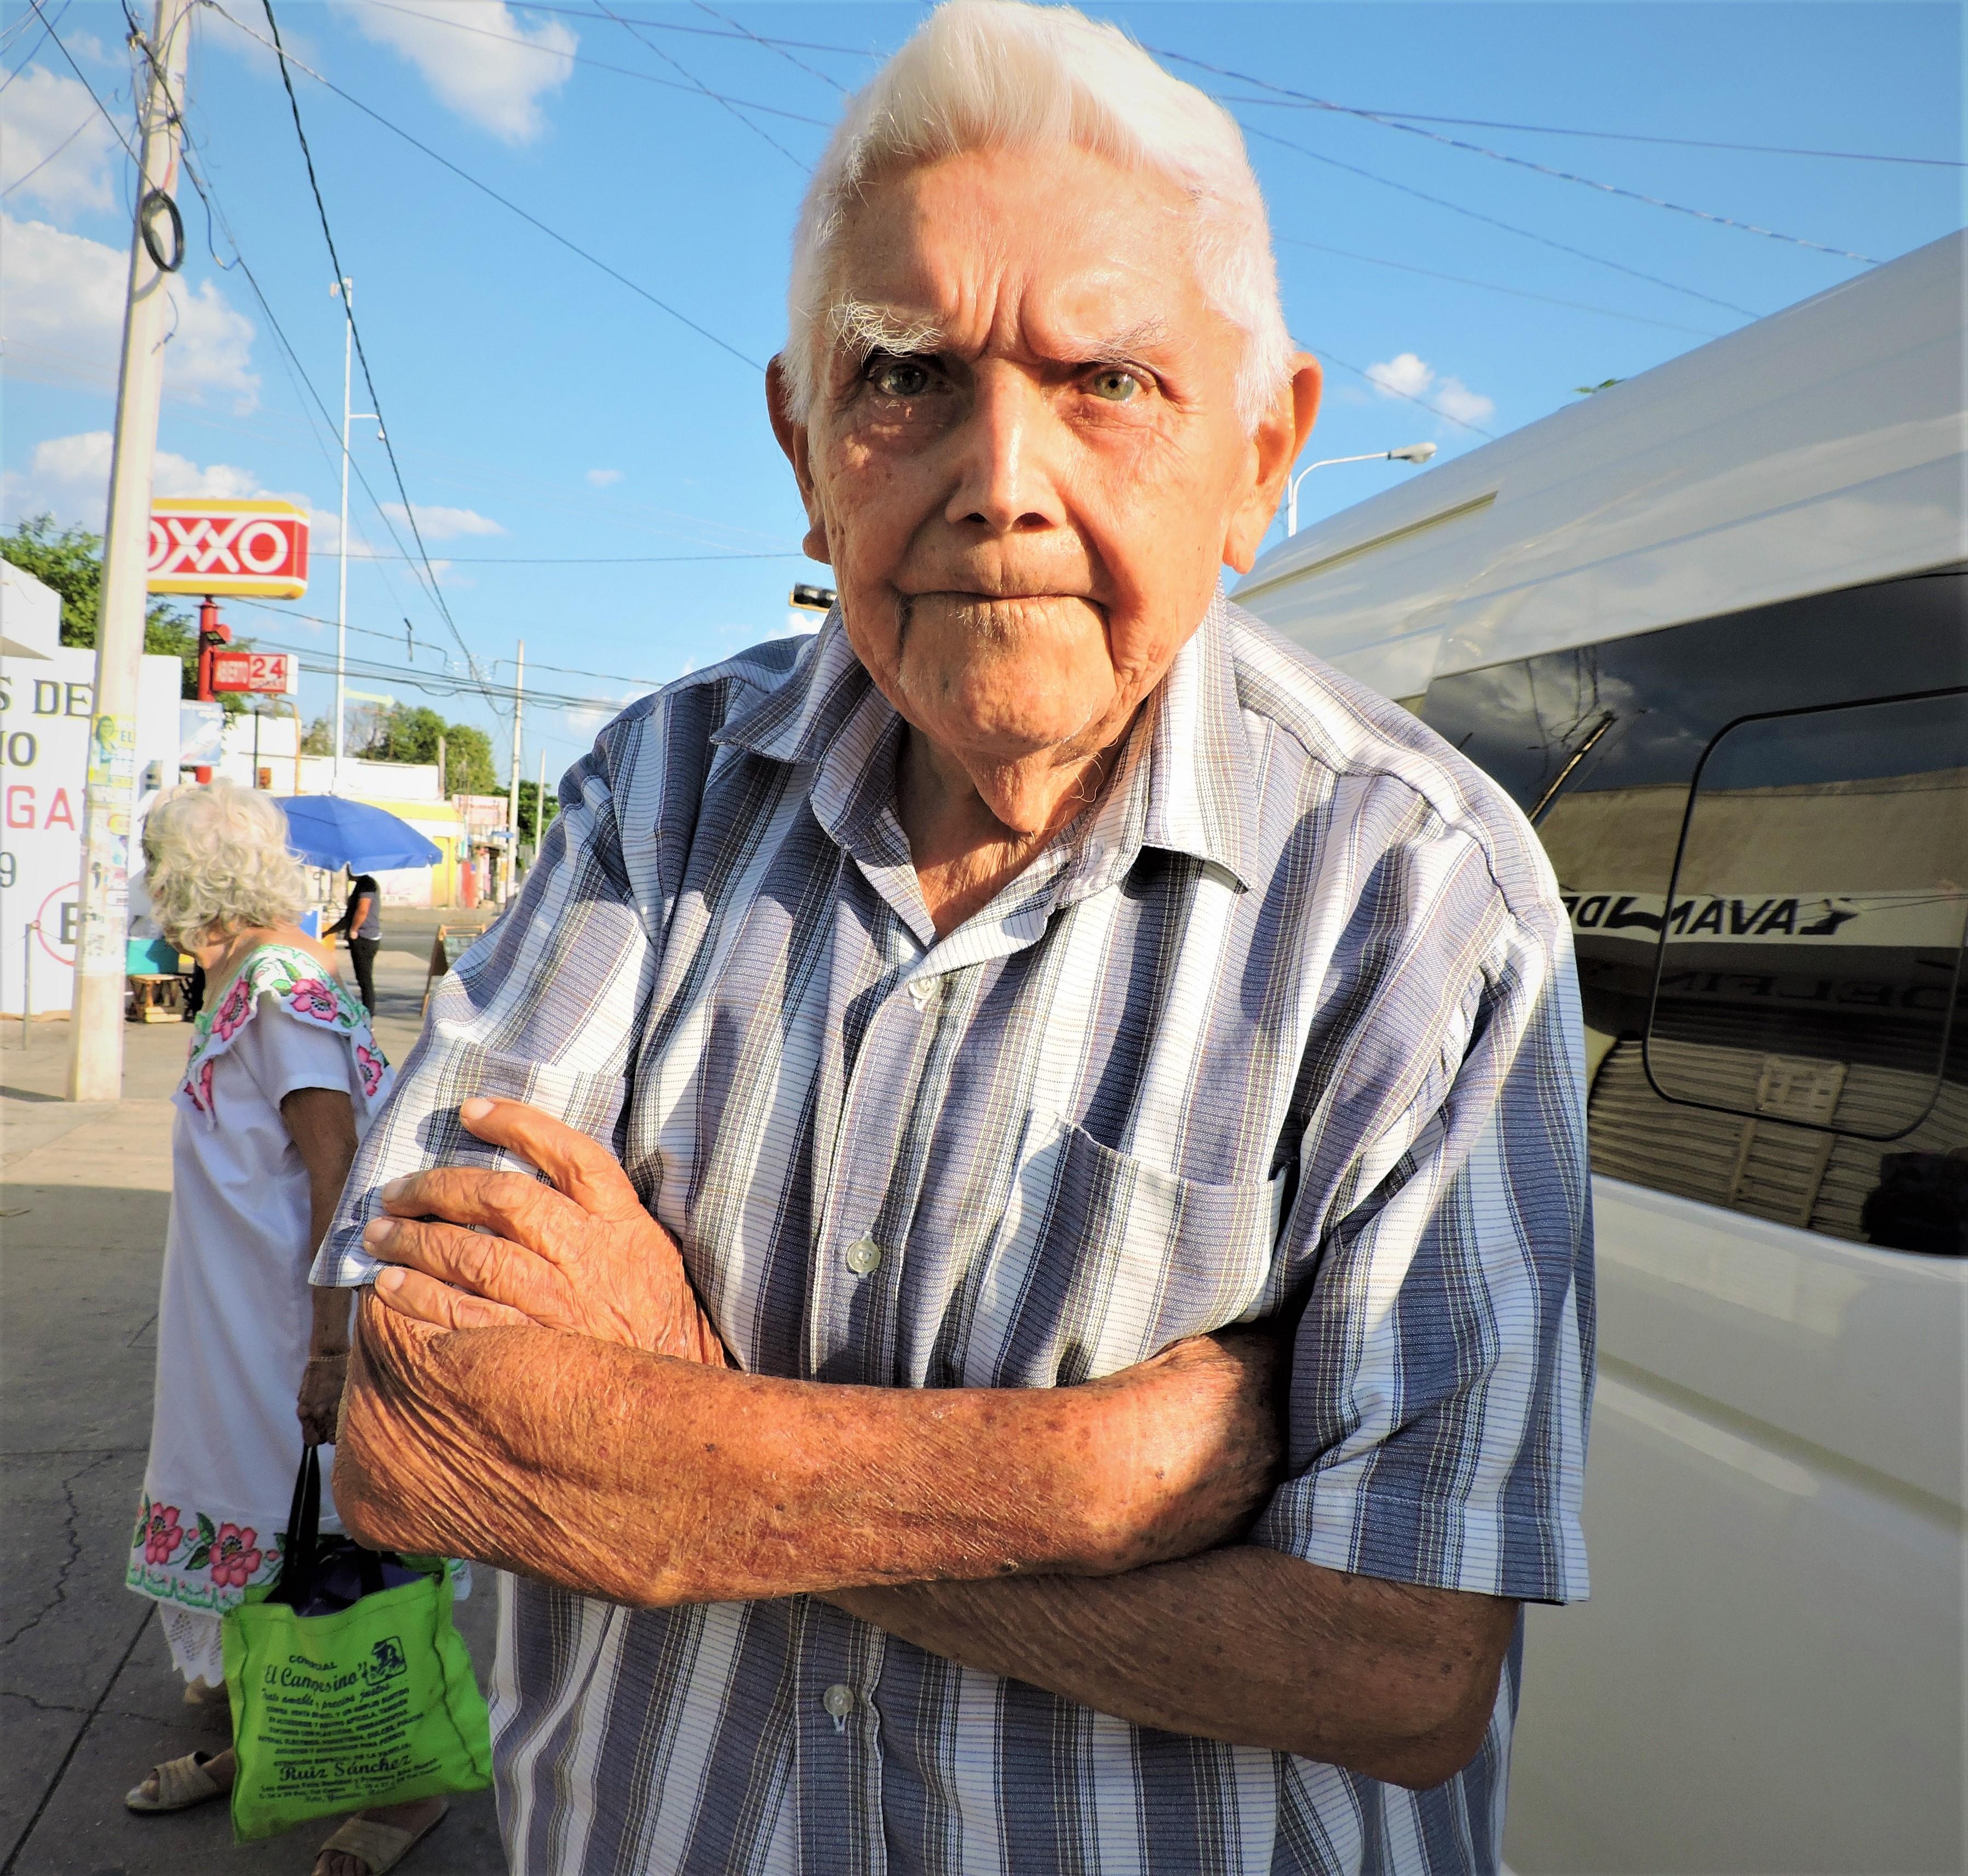 Don-Sergio-uno-de-los-grandes-hombres-de-Peto-quien-en-lugar-de-quedarse-bien-con-el-gobernador-mejor-eligió-estar-con-su-pueblo.jpg